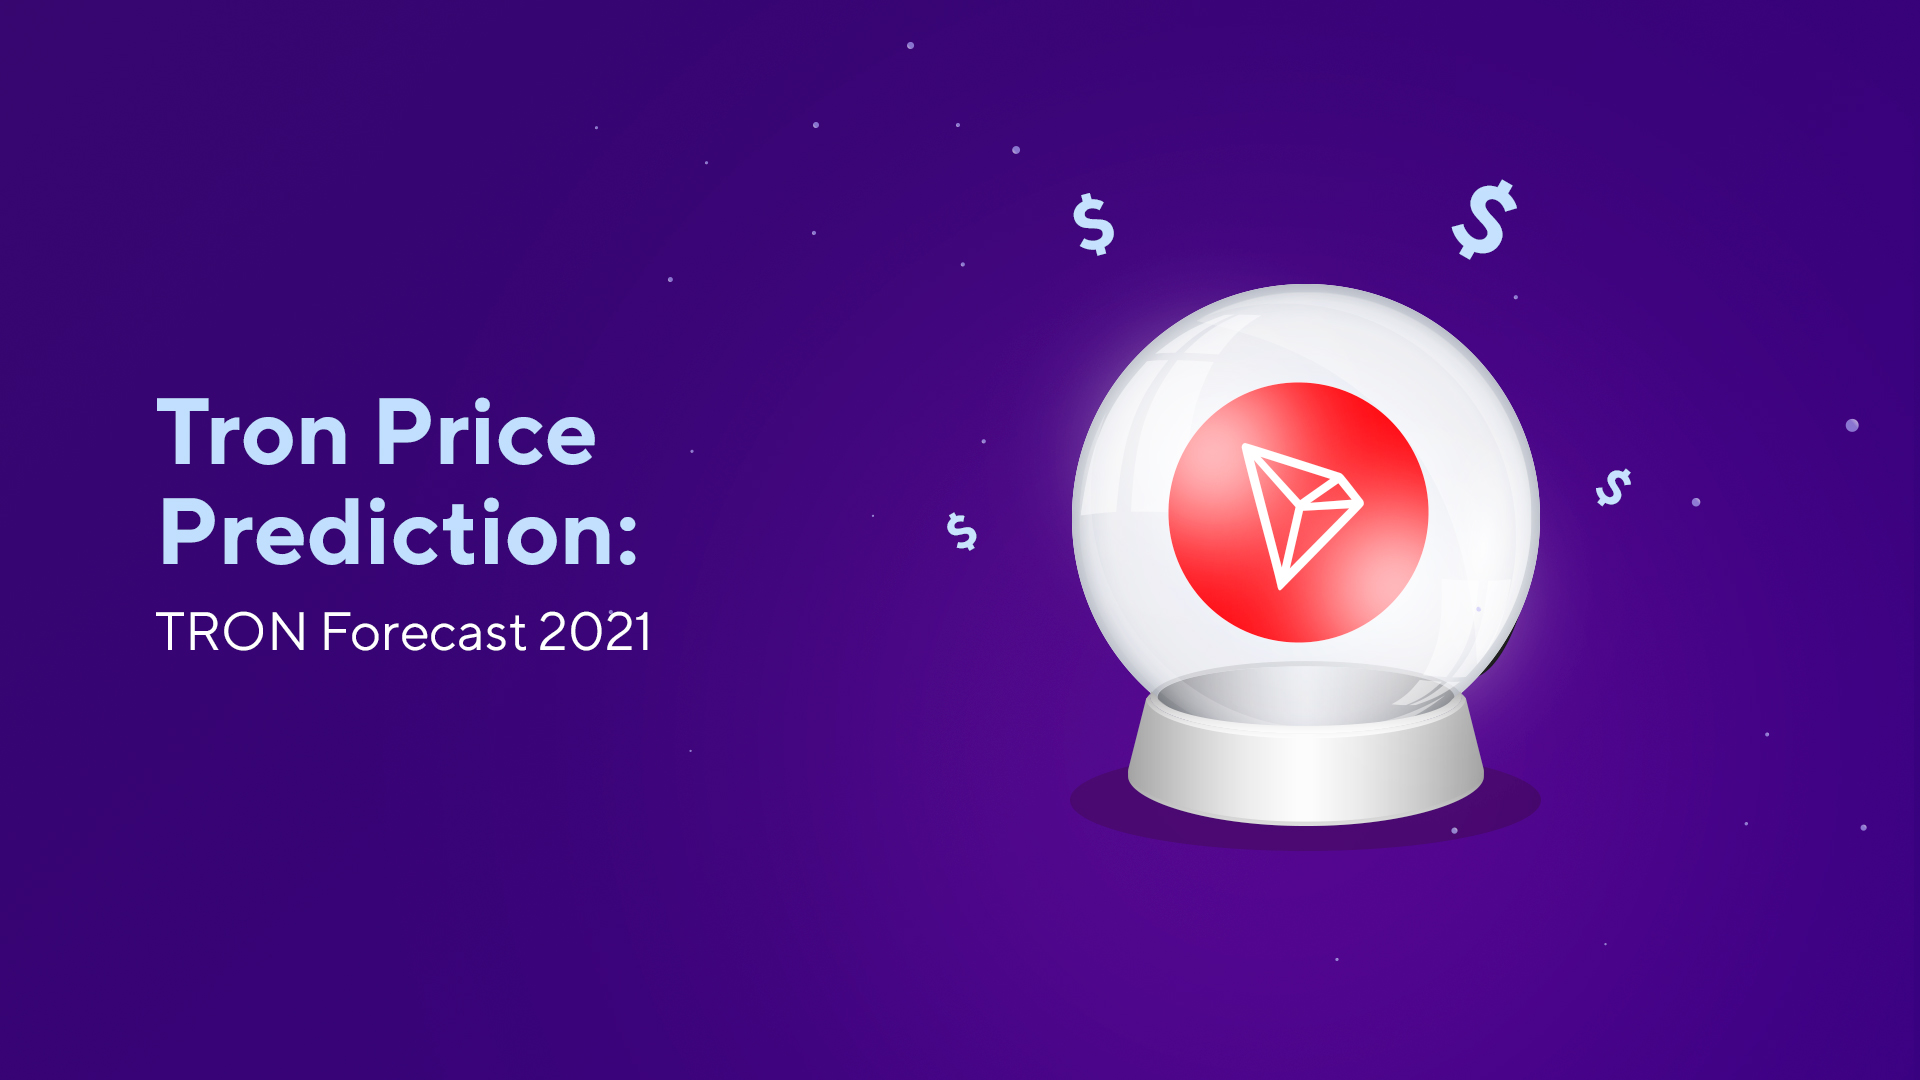 TRON Price Prediction: TRON Forecast 2021